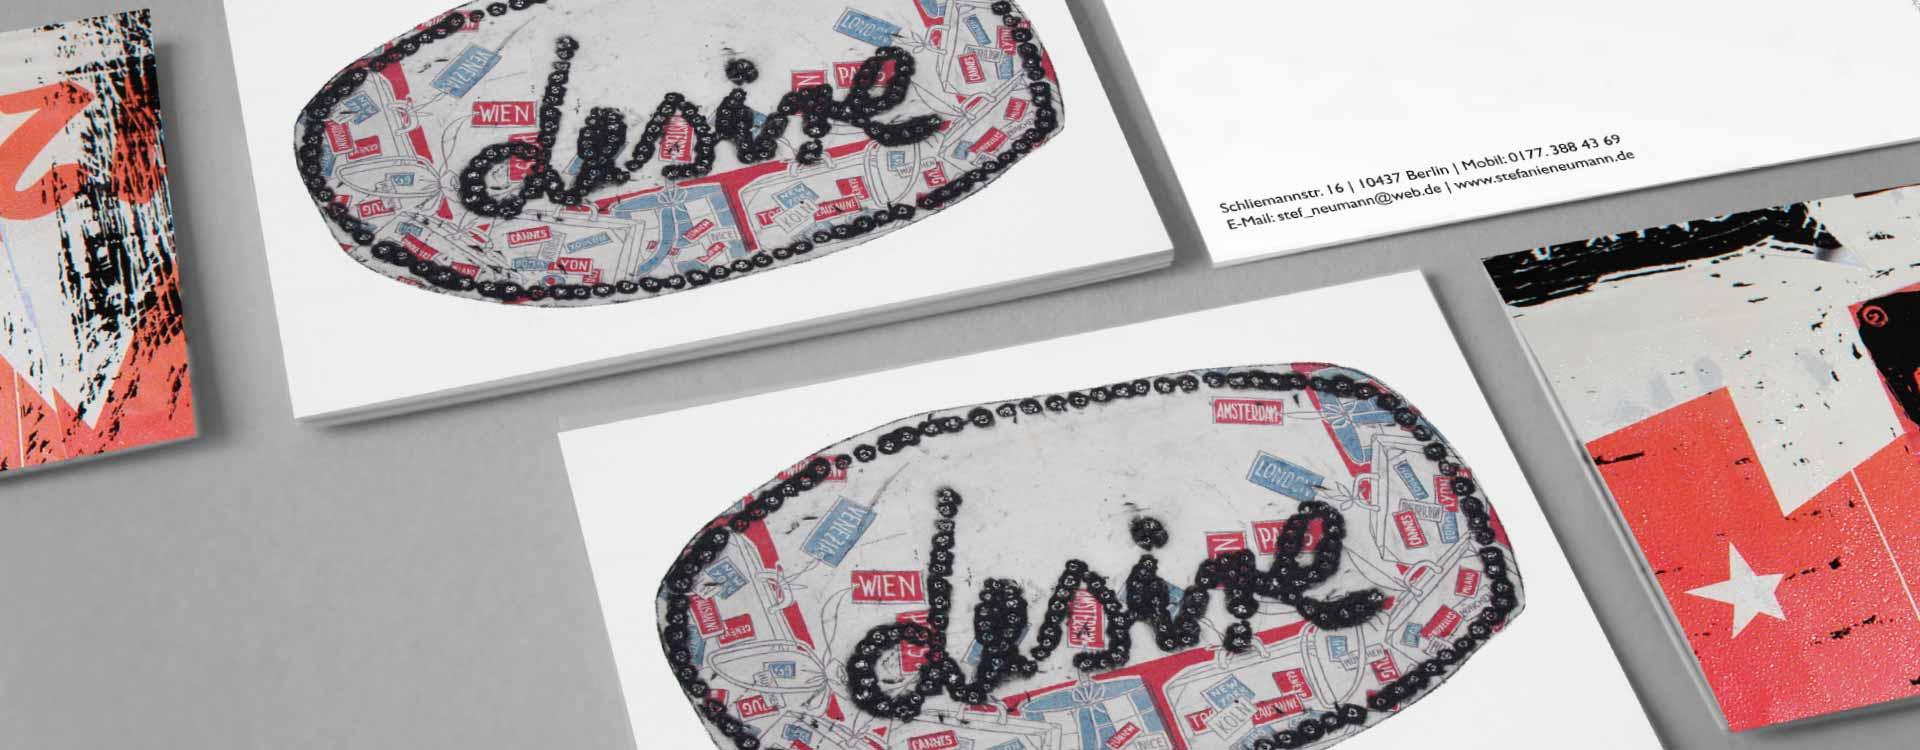 Postcards for Stefanie Neumann; Design: Kattrin Richter   Graphic Design Studio